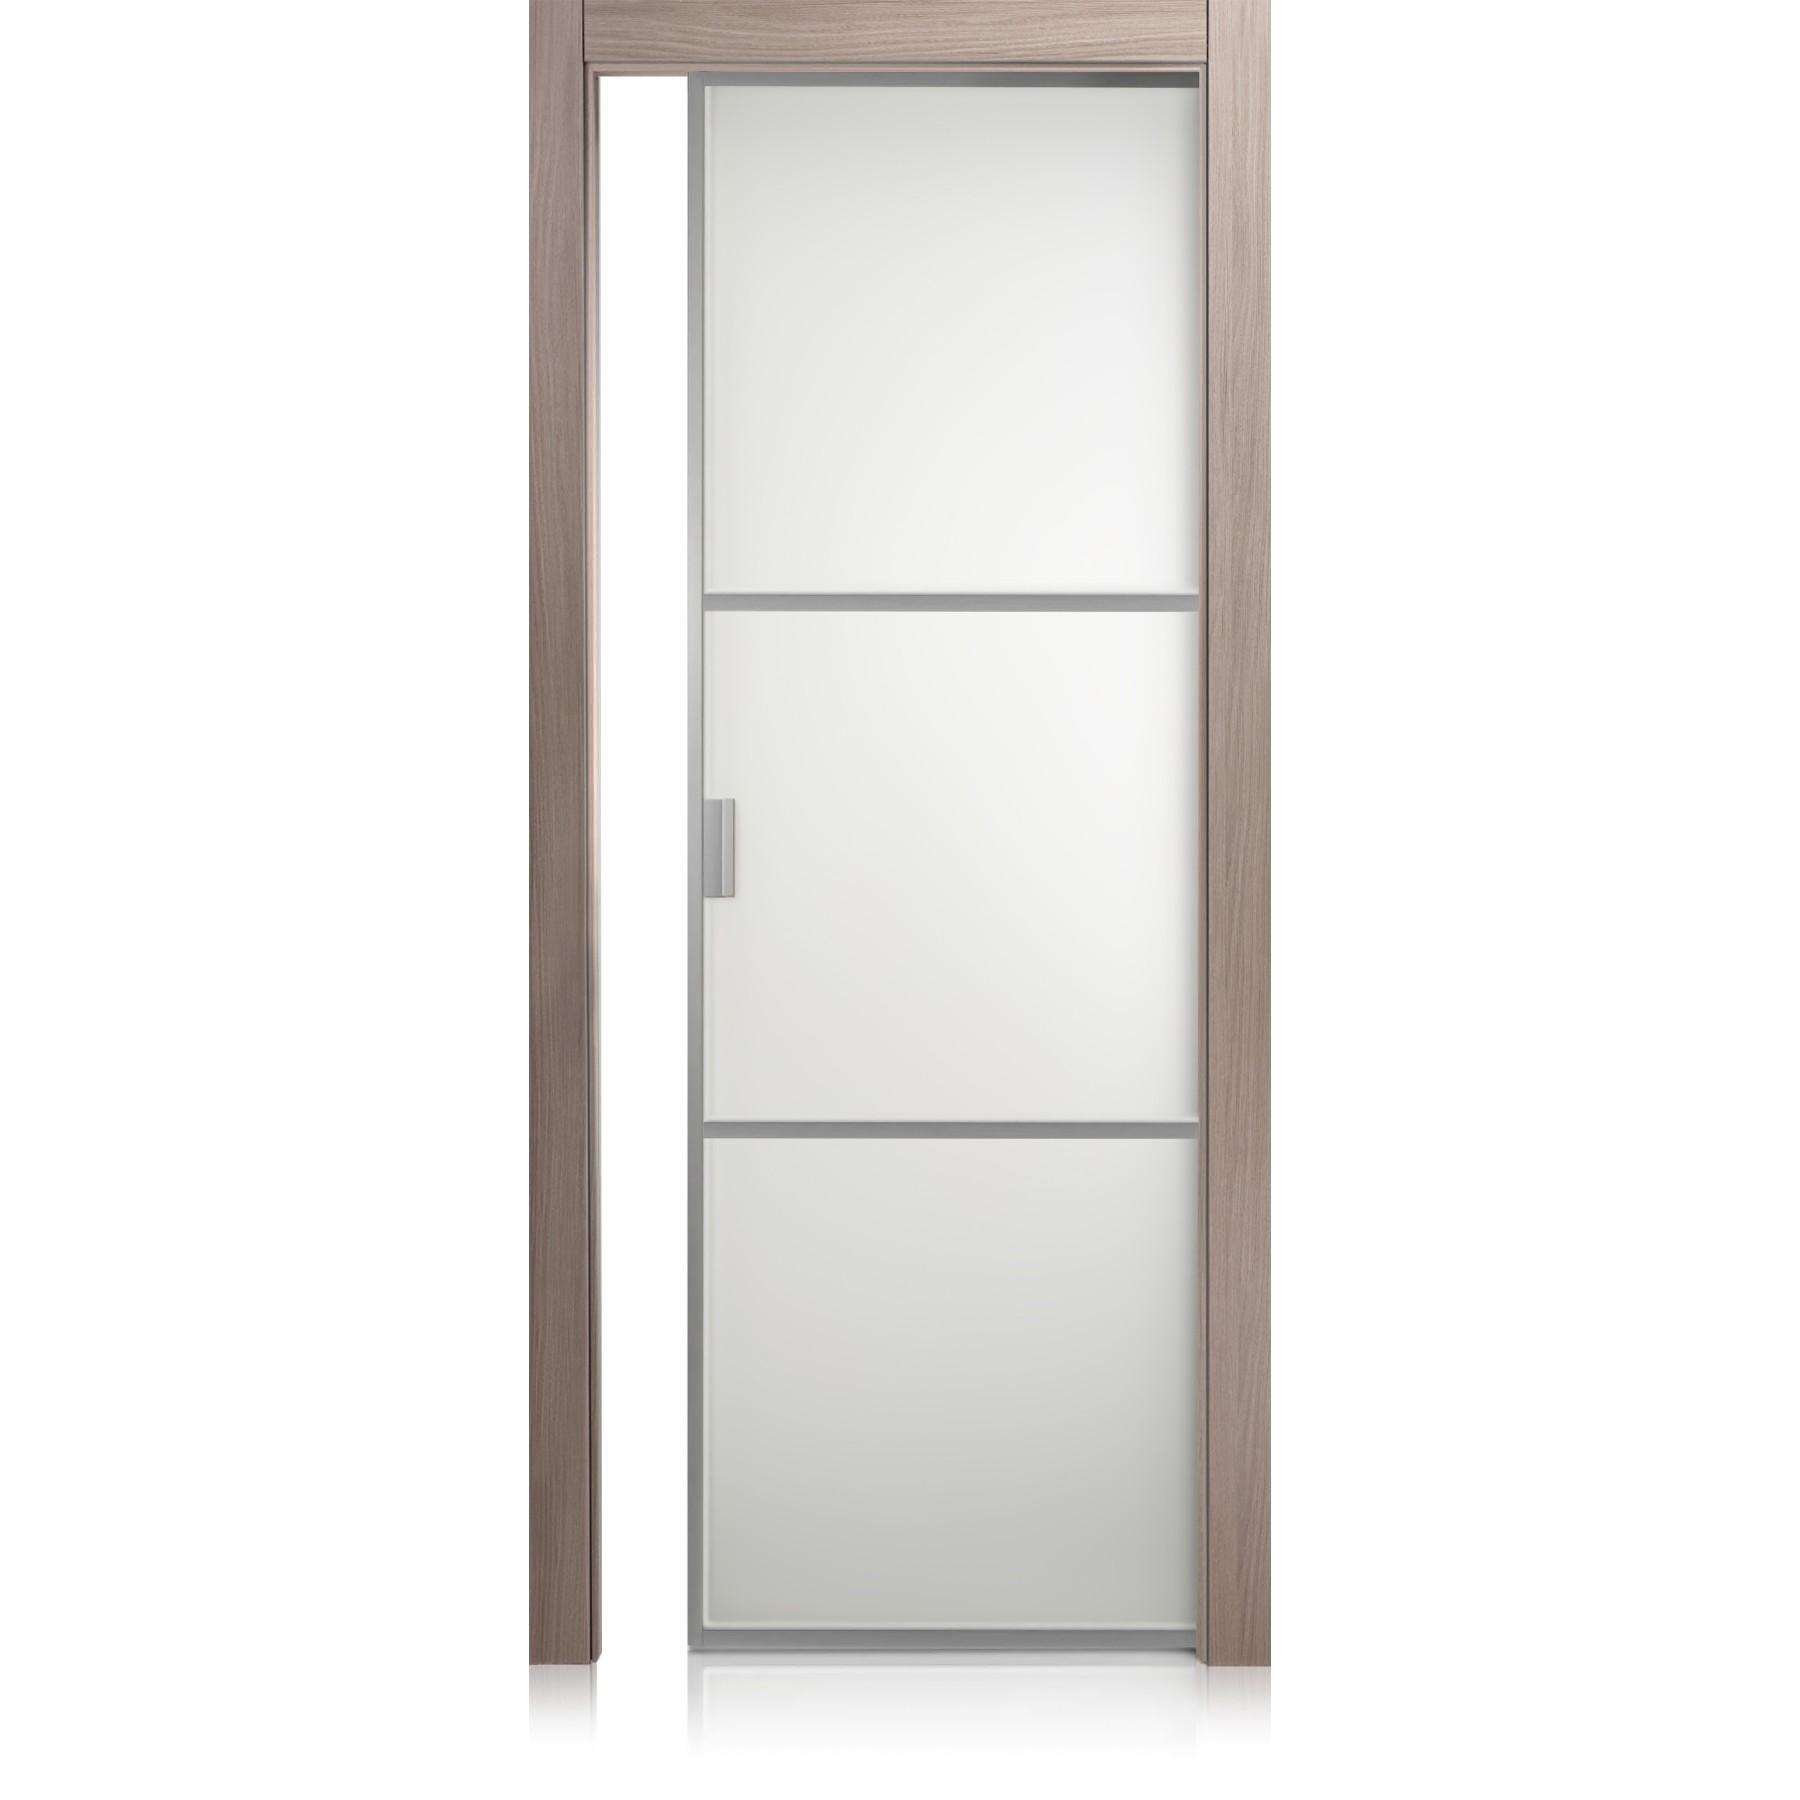 Porta Cristal Frame / 2 ontario polvere